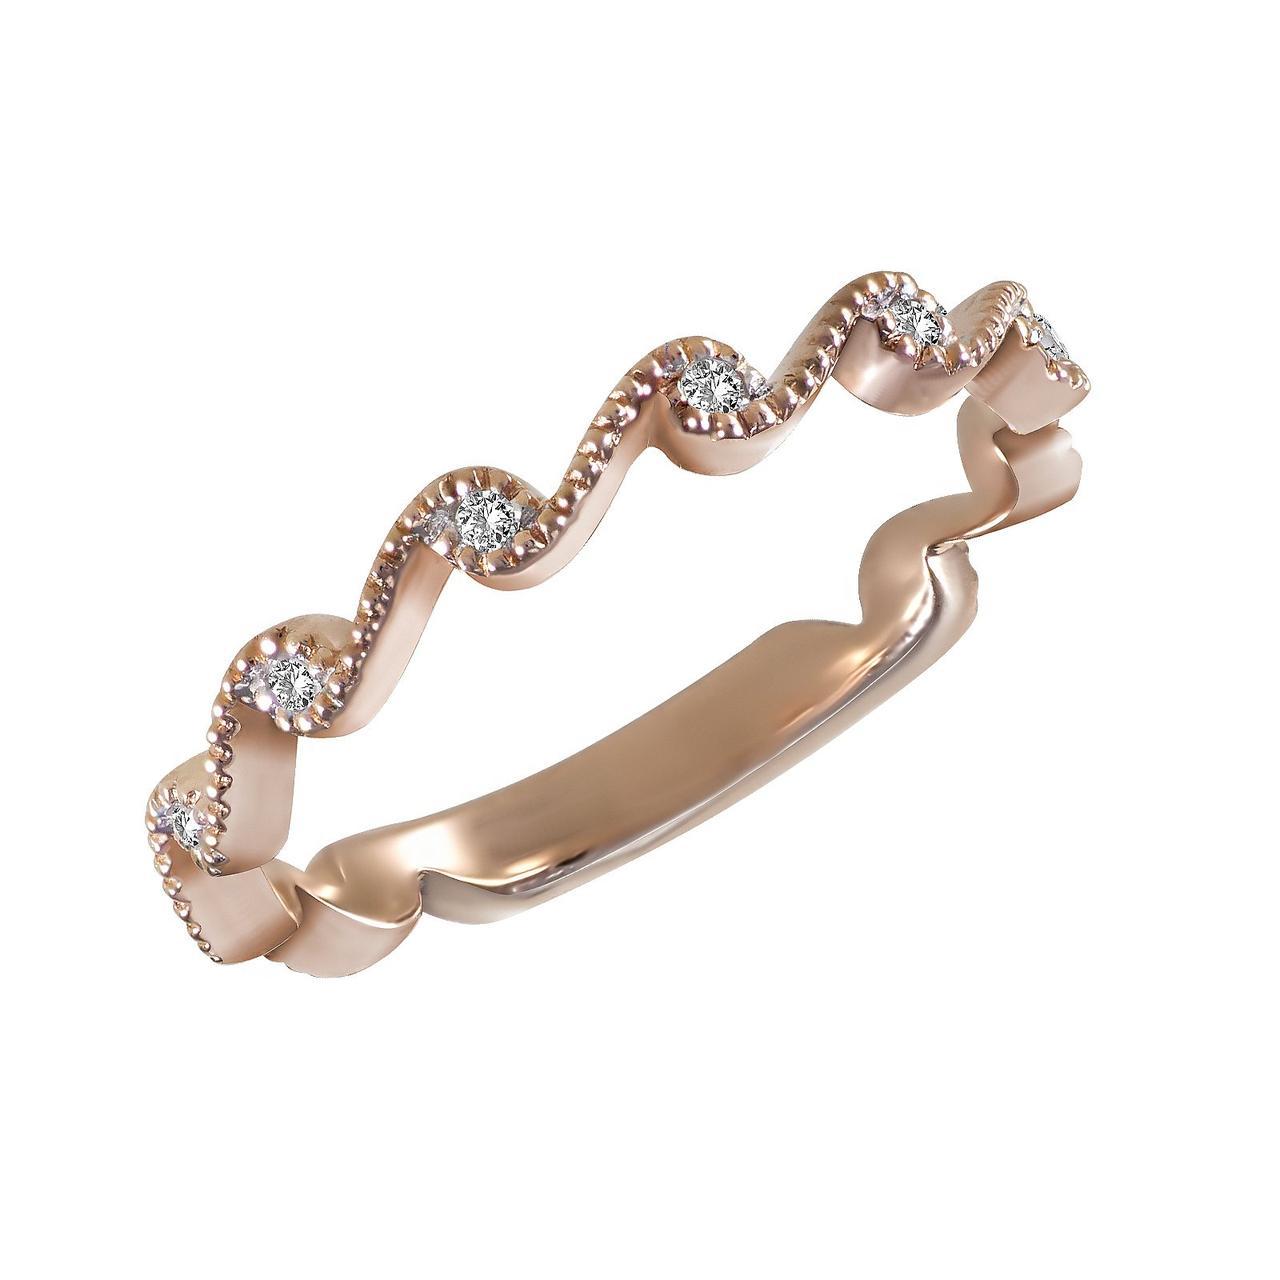 Золотое кольцо с бриллиантами, размер 16.5 (1684252)